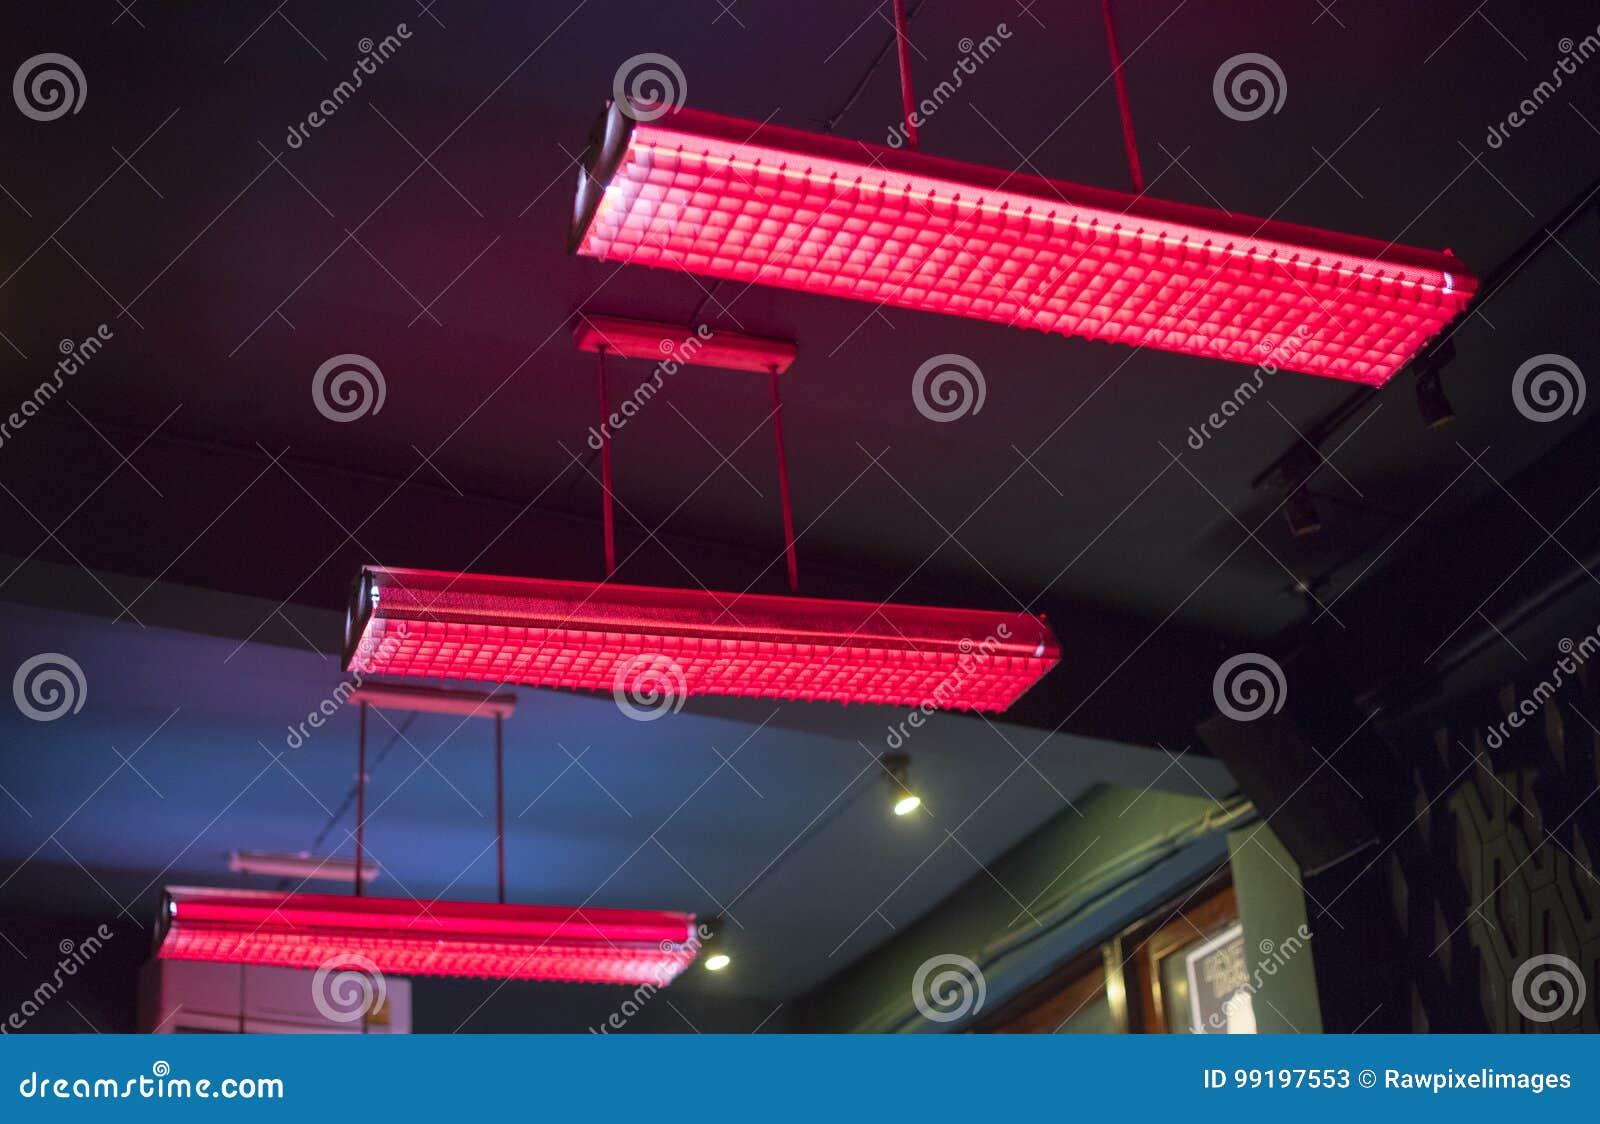 Plan Rapproché Daccrocher La Lampe Fluorescente Rouge De Plafond